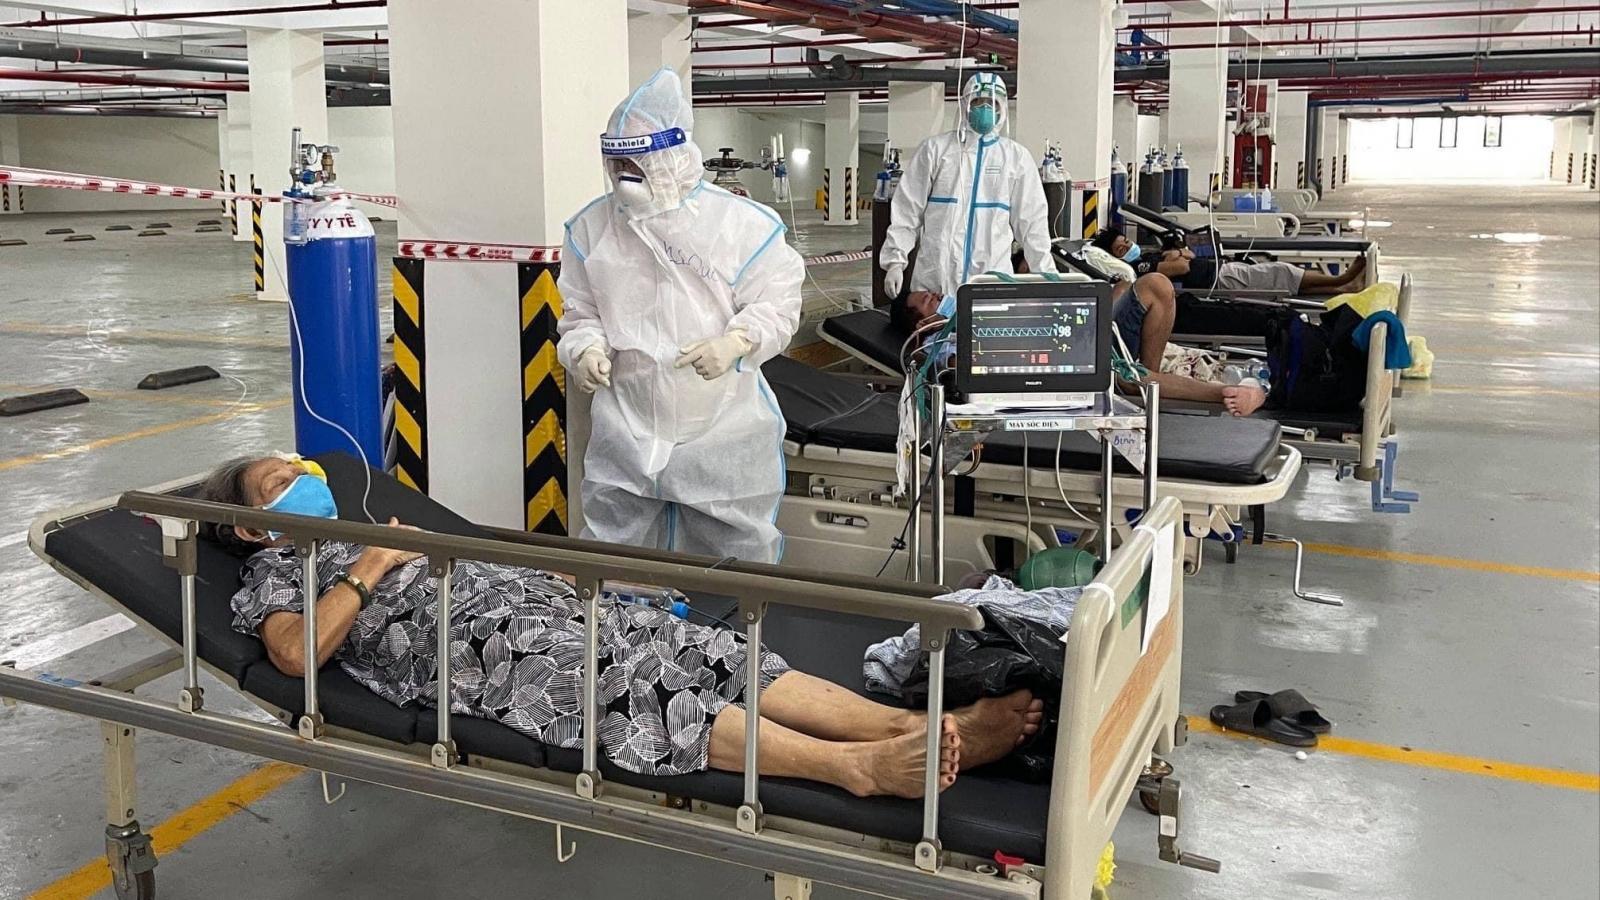 Phát hiện có sâu trong suất ăn, TP.HCM ngưng hợp đồng cung ứng suất ăn cho bệnh viện